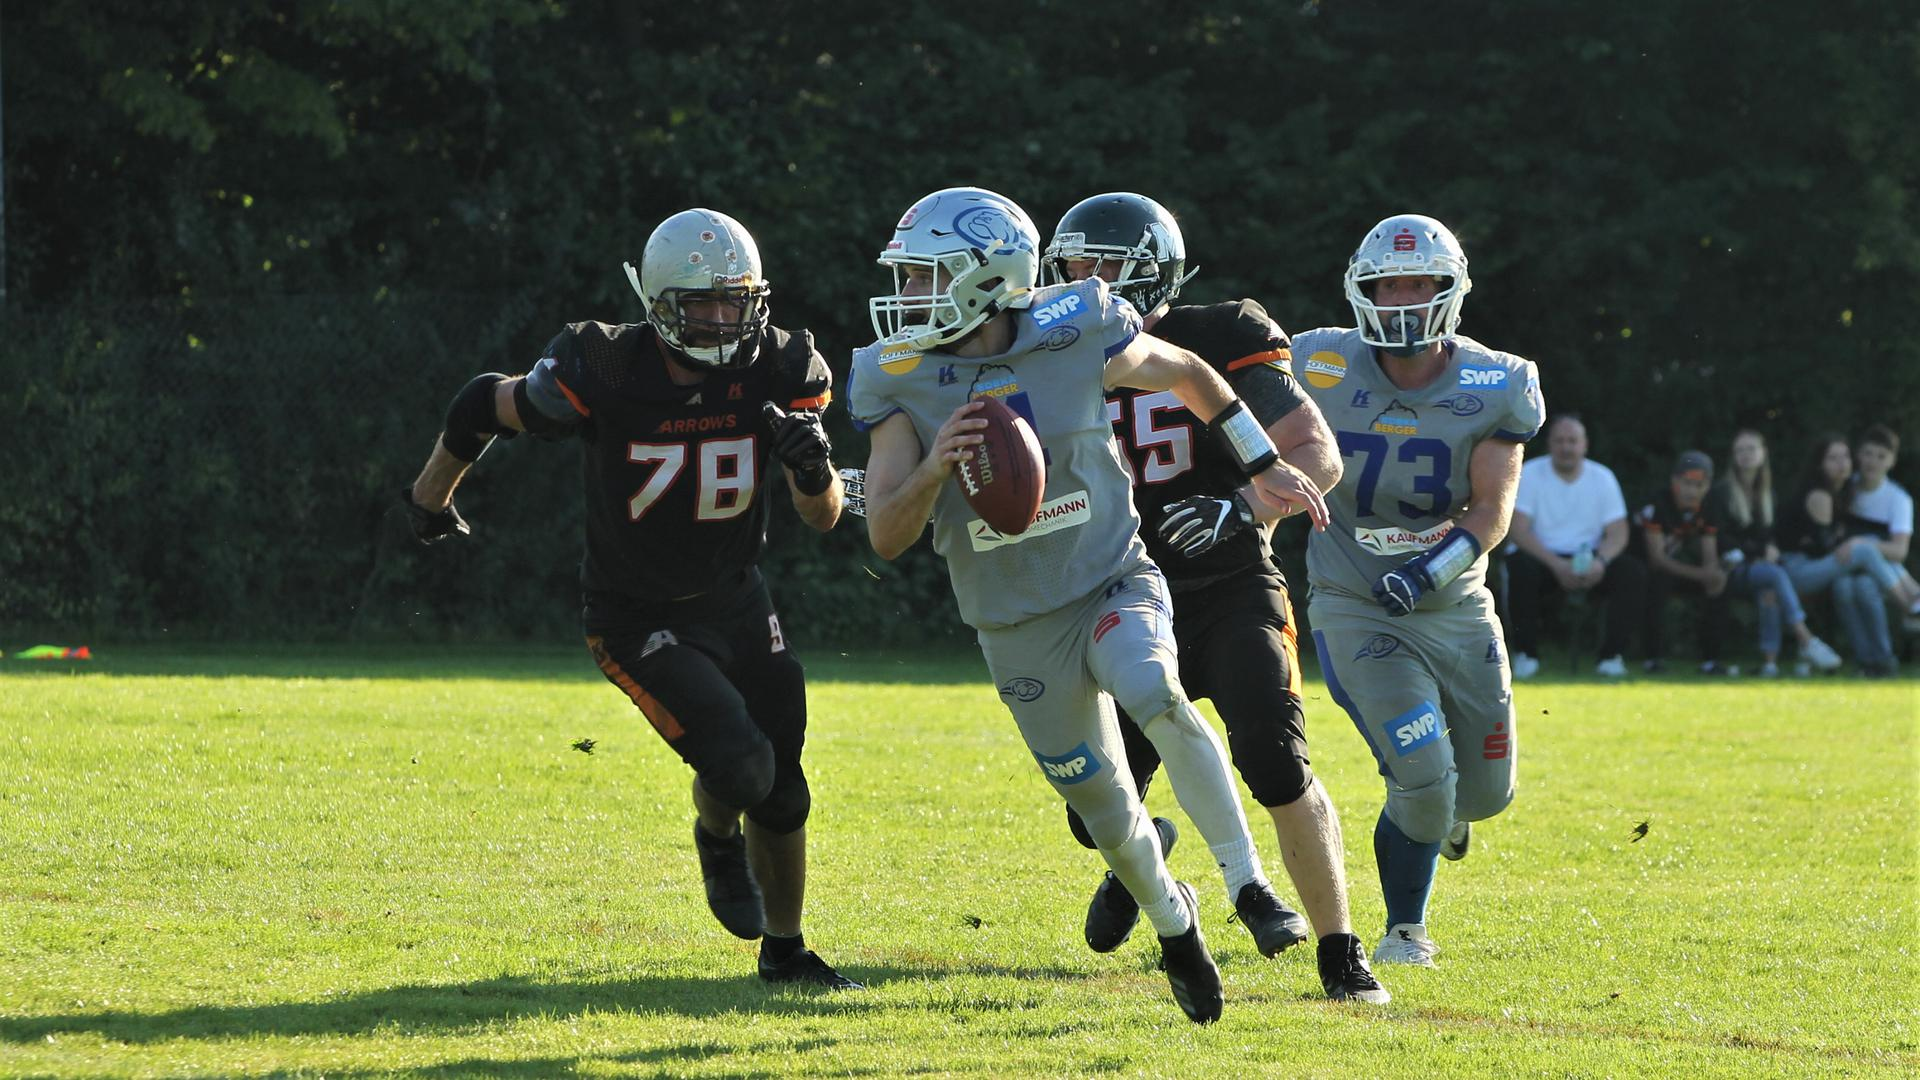 Nicht aufzuhalten: Quarterback Andrew Mintz strebt mit den Wilddogs nach dem Aufstieg.